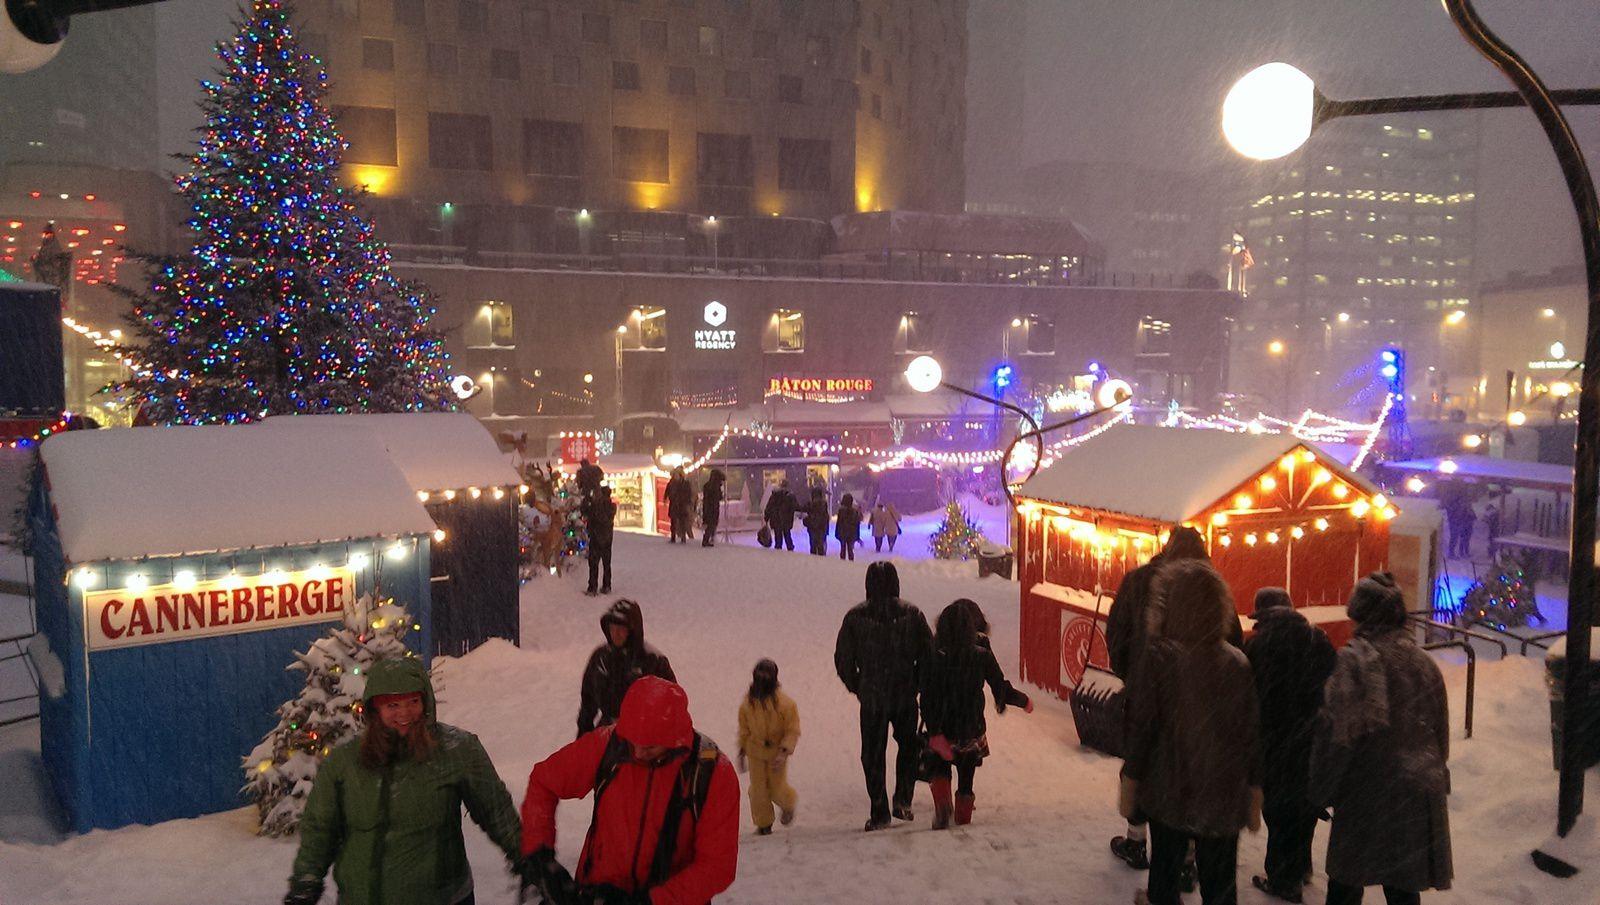 Marché de Noël sous la neige et luminothérapie